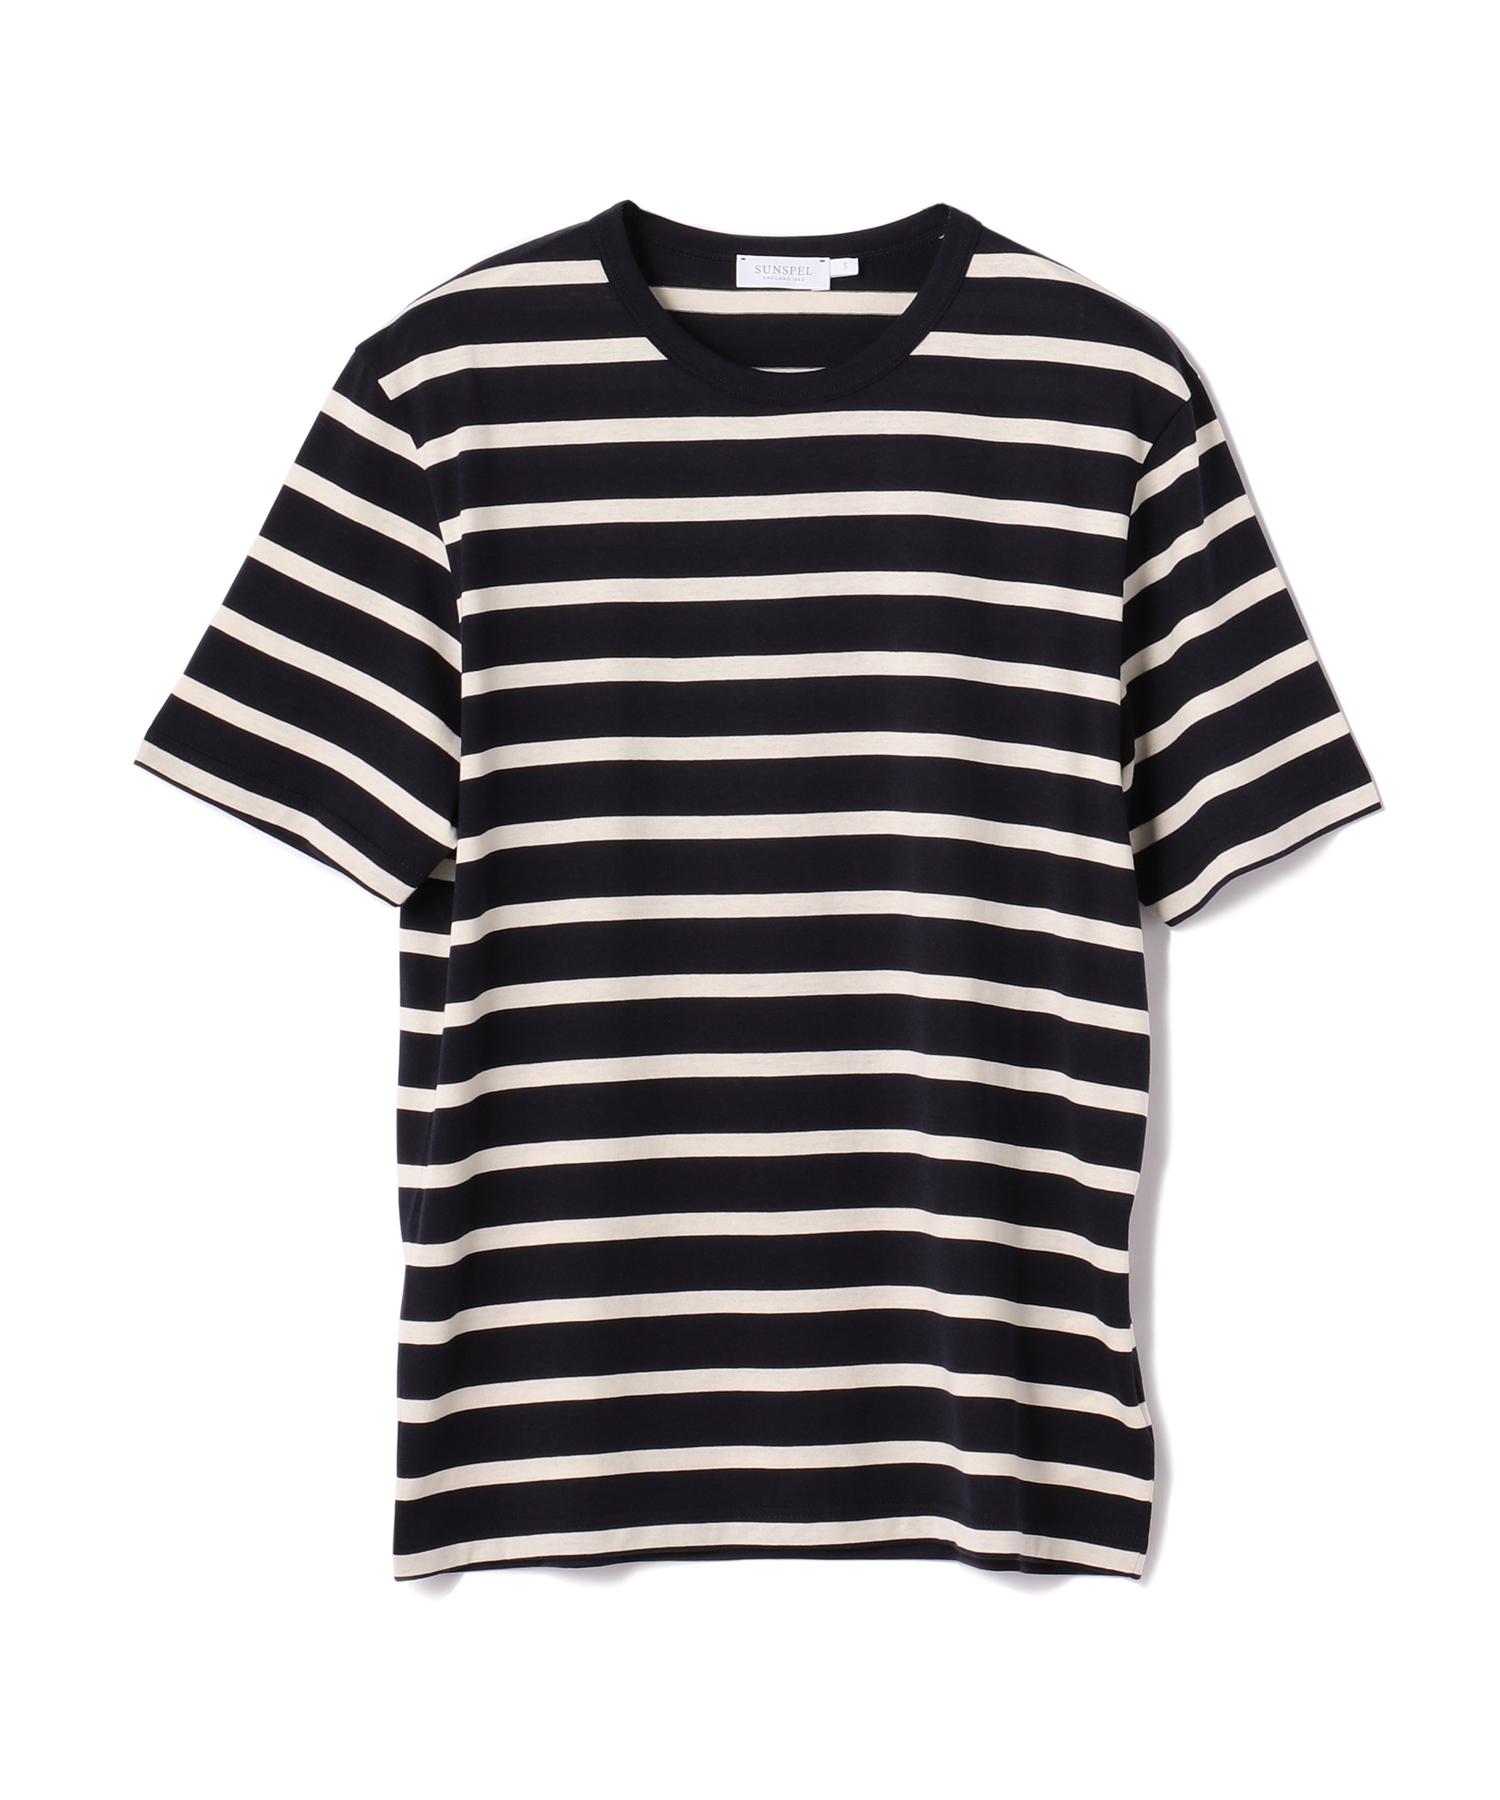 SUNSPEL / ボーダークルーネックTシャツ